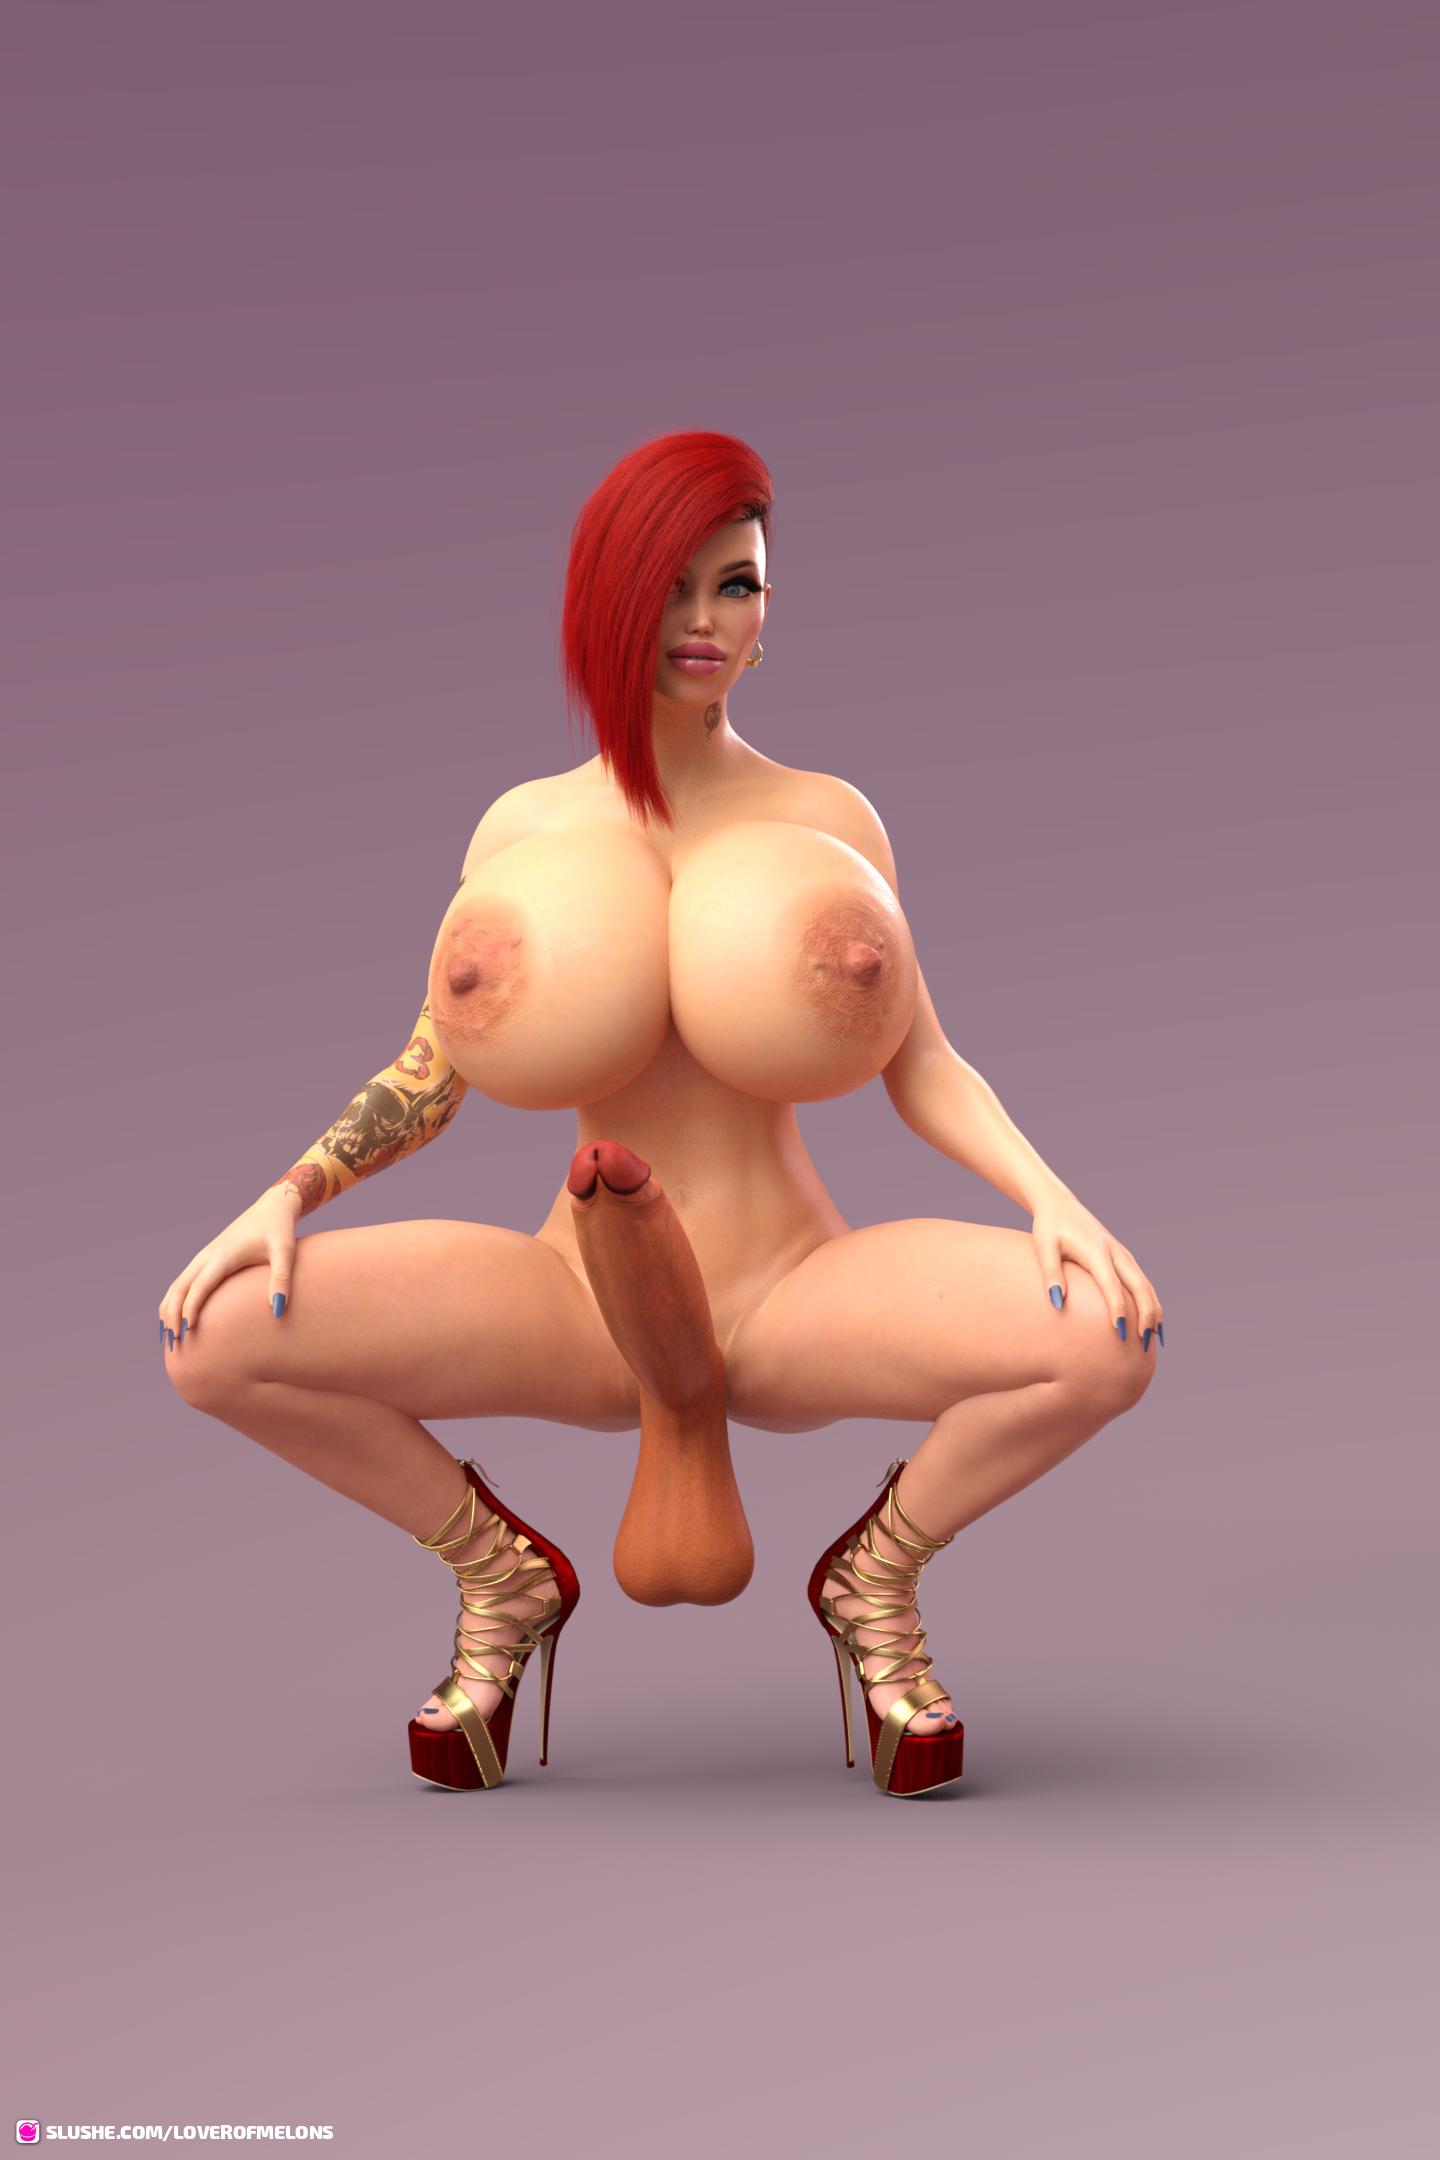 Last, but not least: Kim